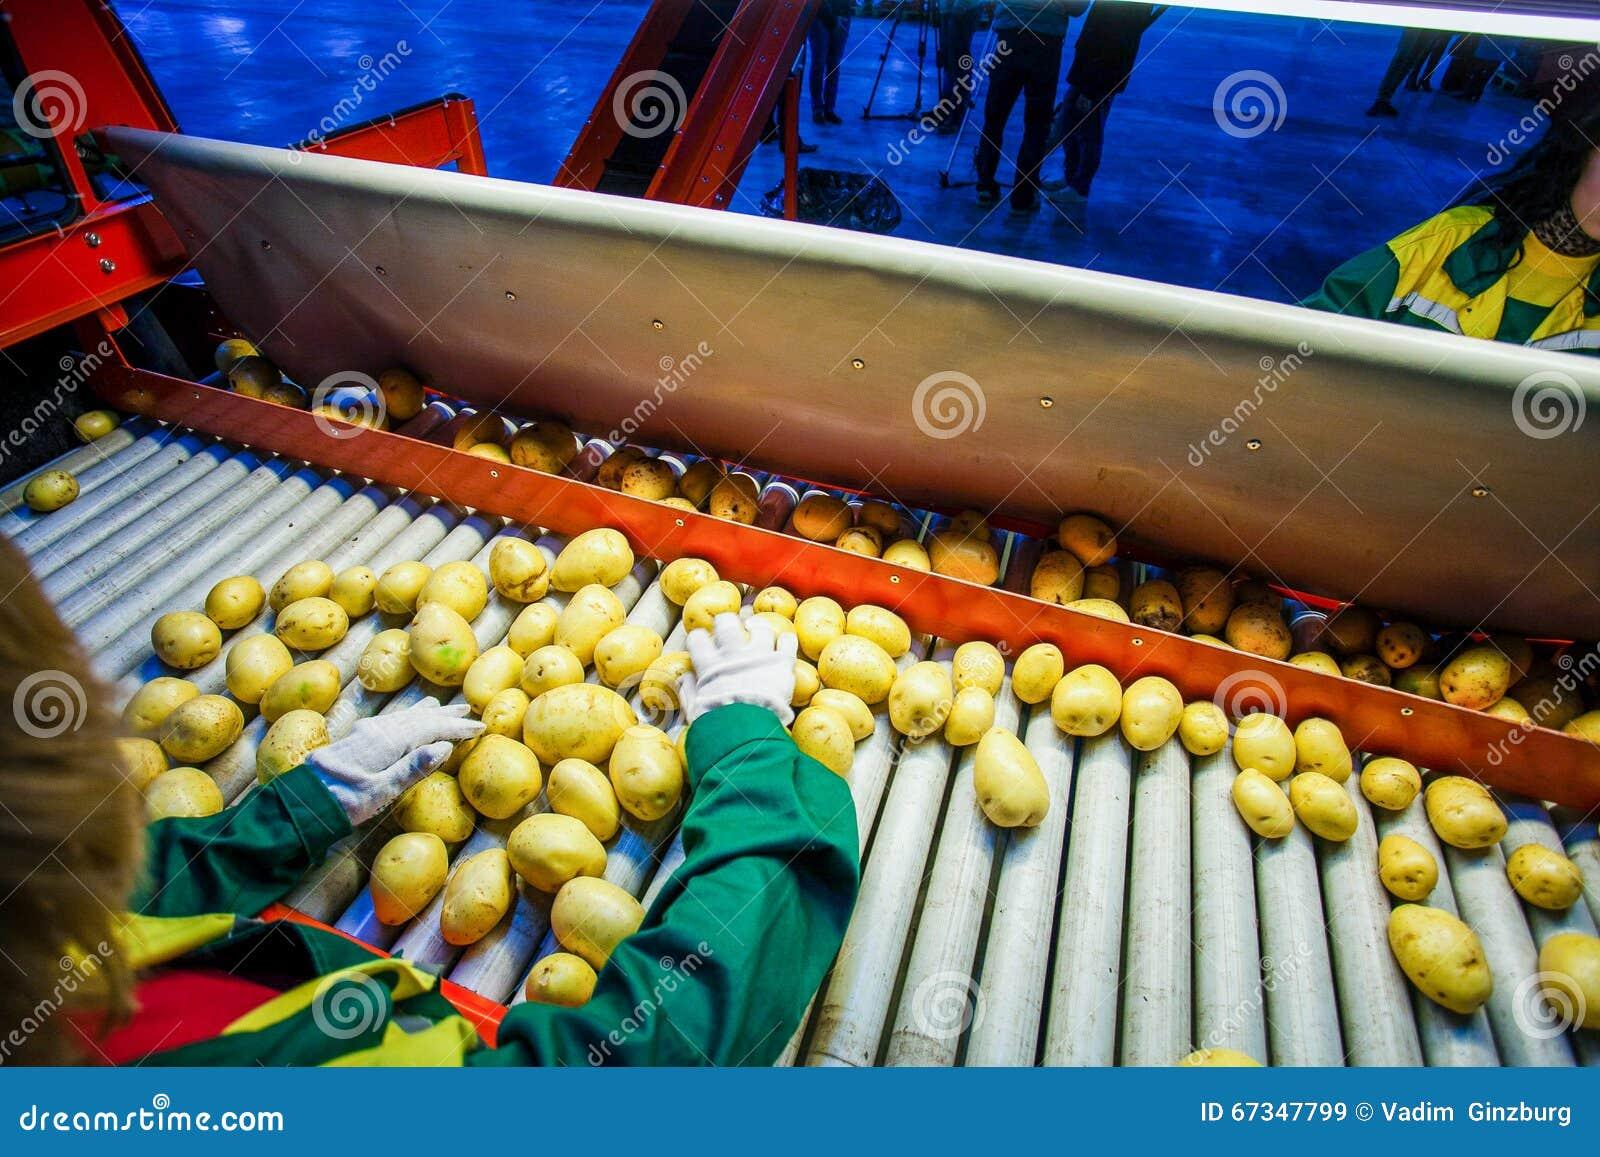 Картошка сортируя, фабрика обрабатывать и упаковки